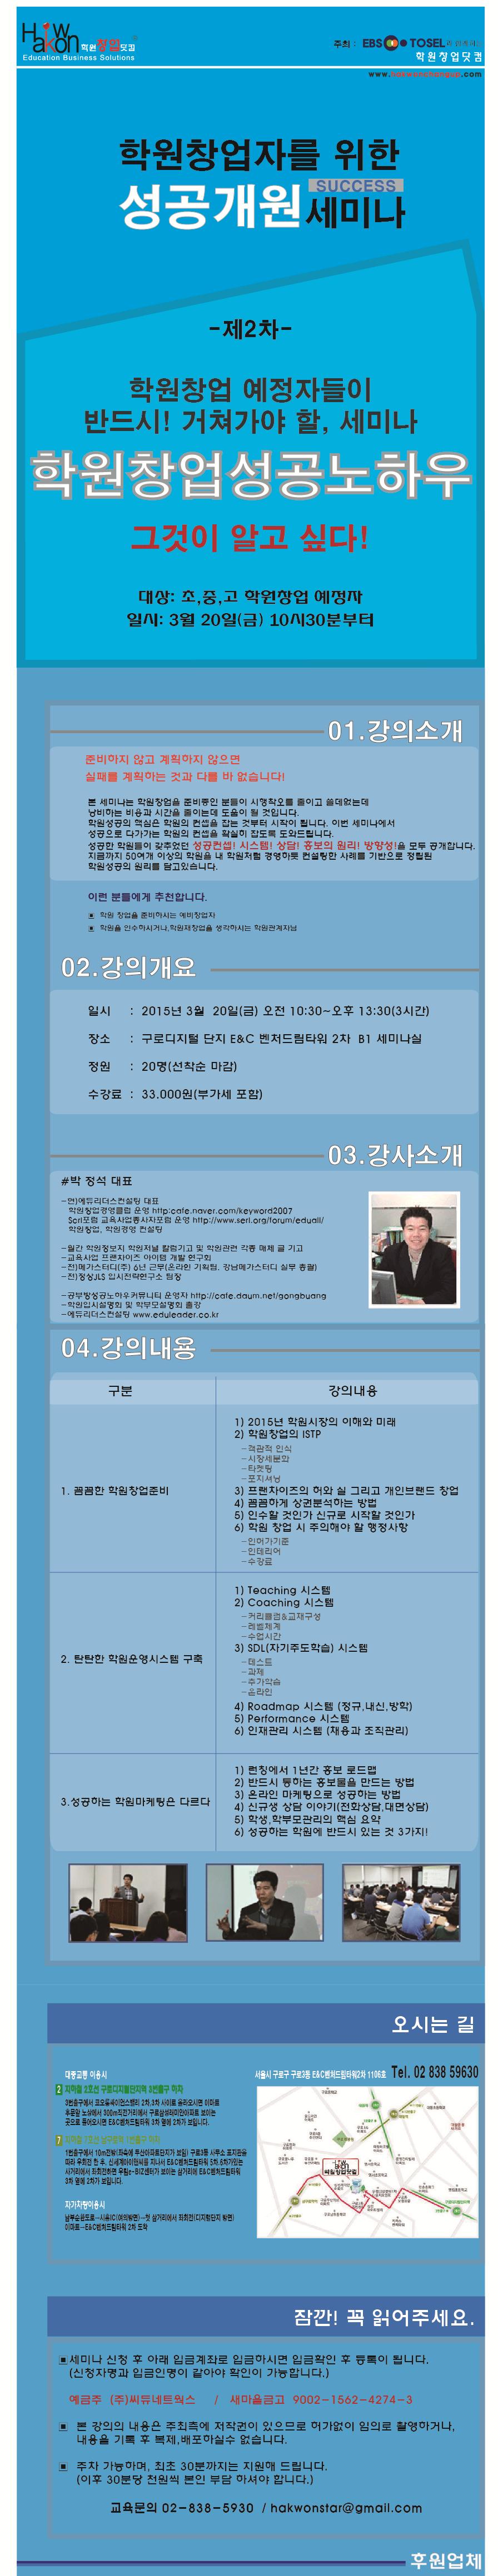 포맷변환_세미나(1).png